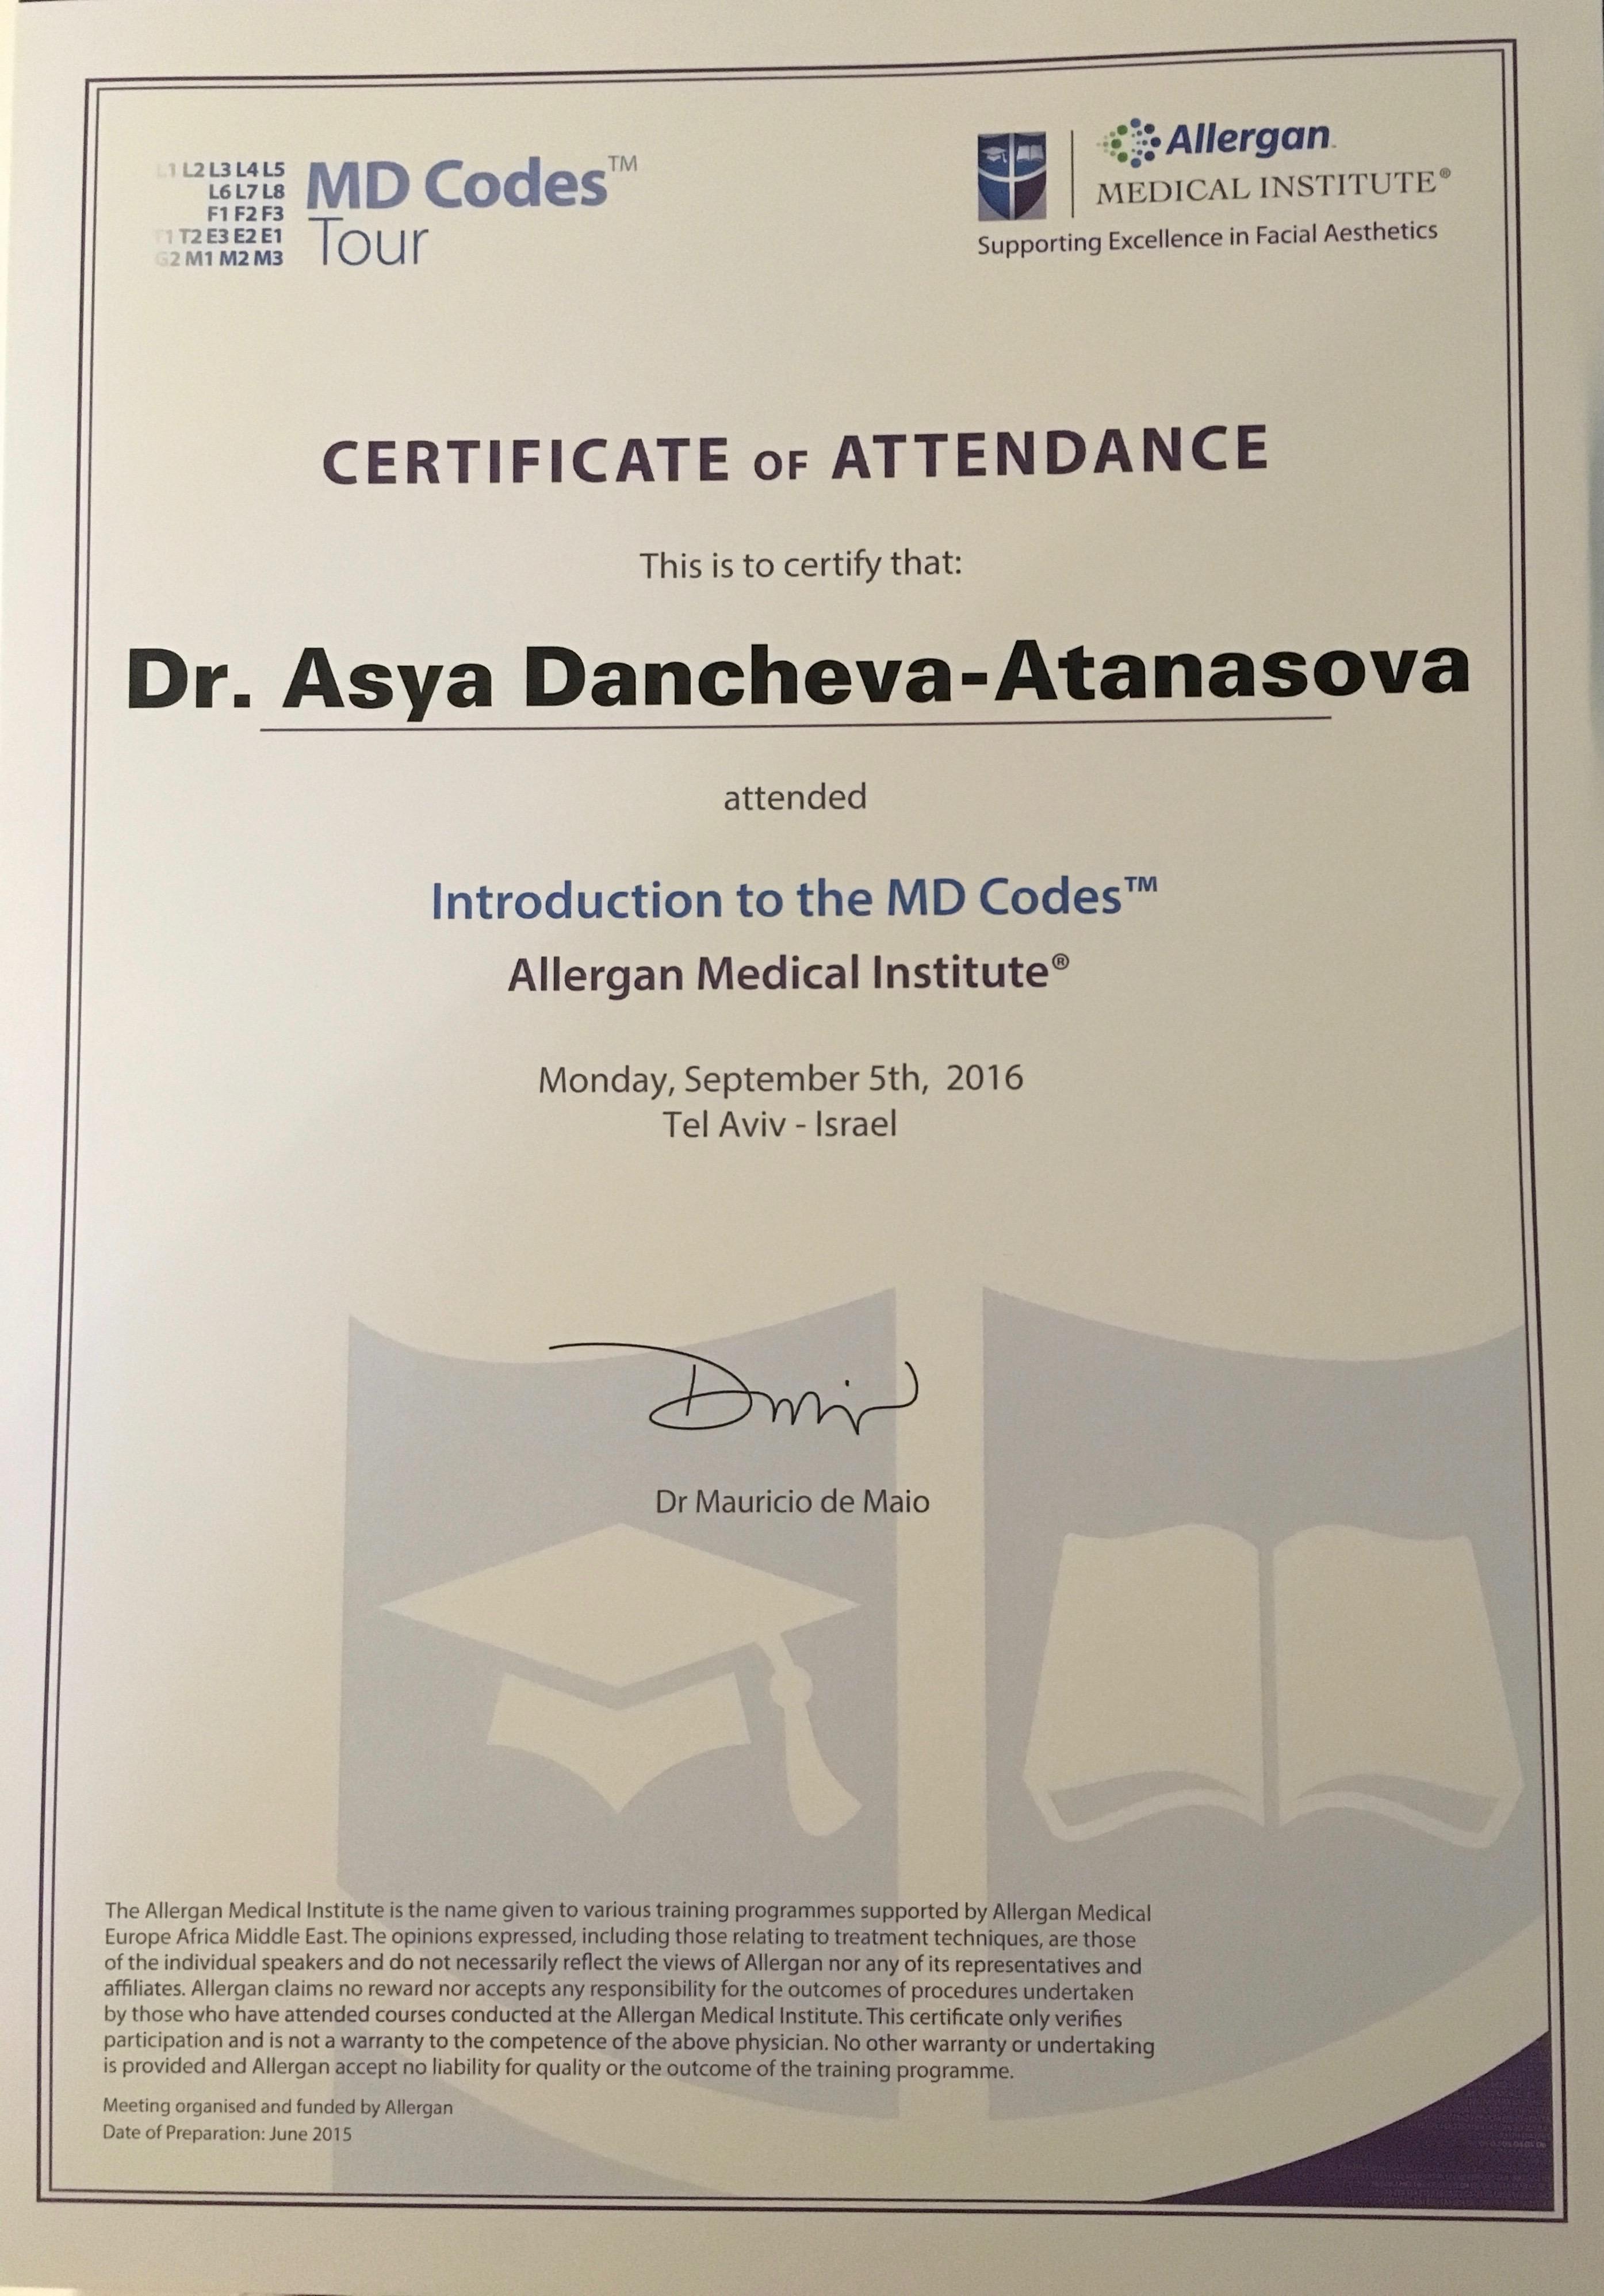 Д-р Ася Данчева сертификат МД кодове